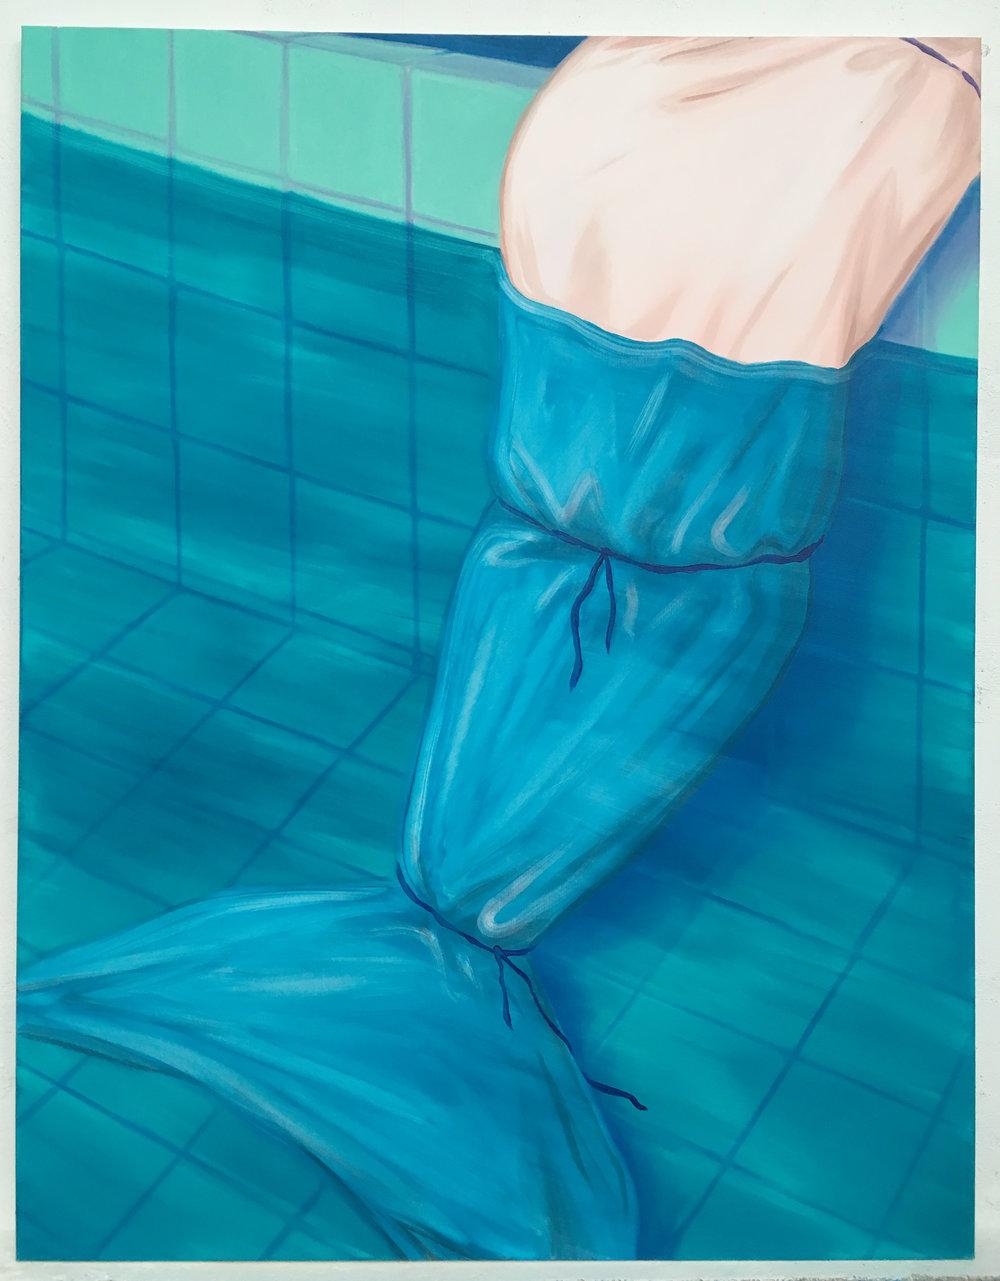 gros poisson Oil on canvas 145 x 115 cm 2017